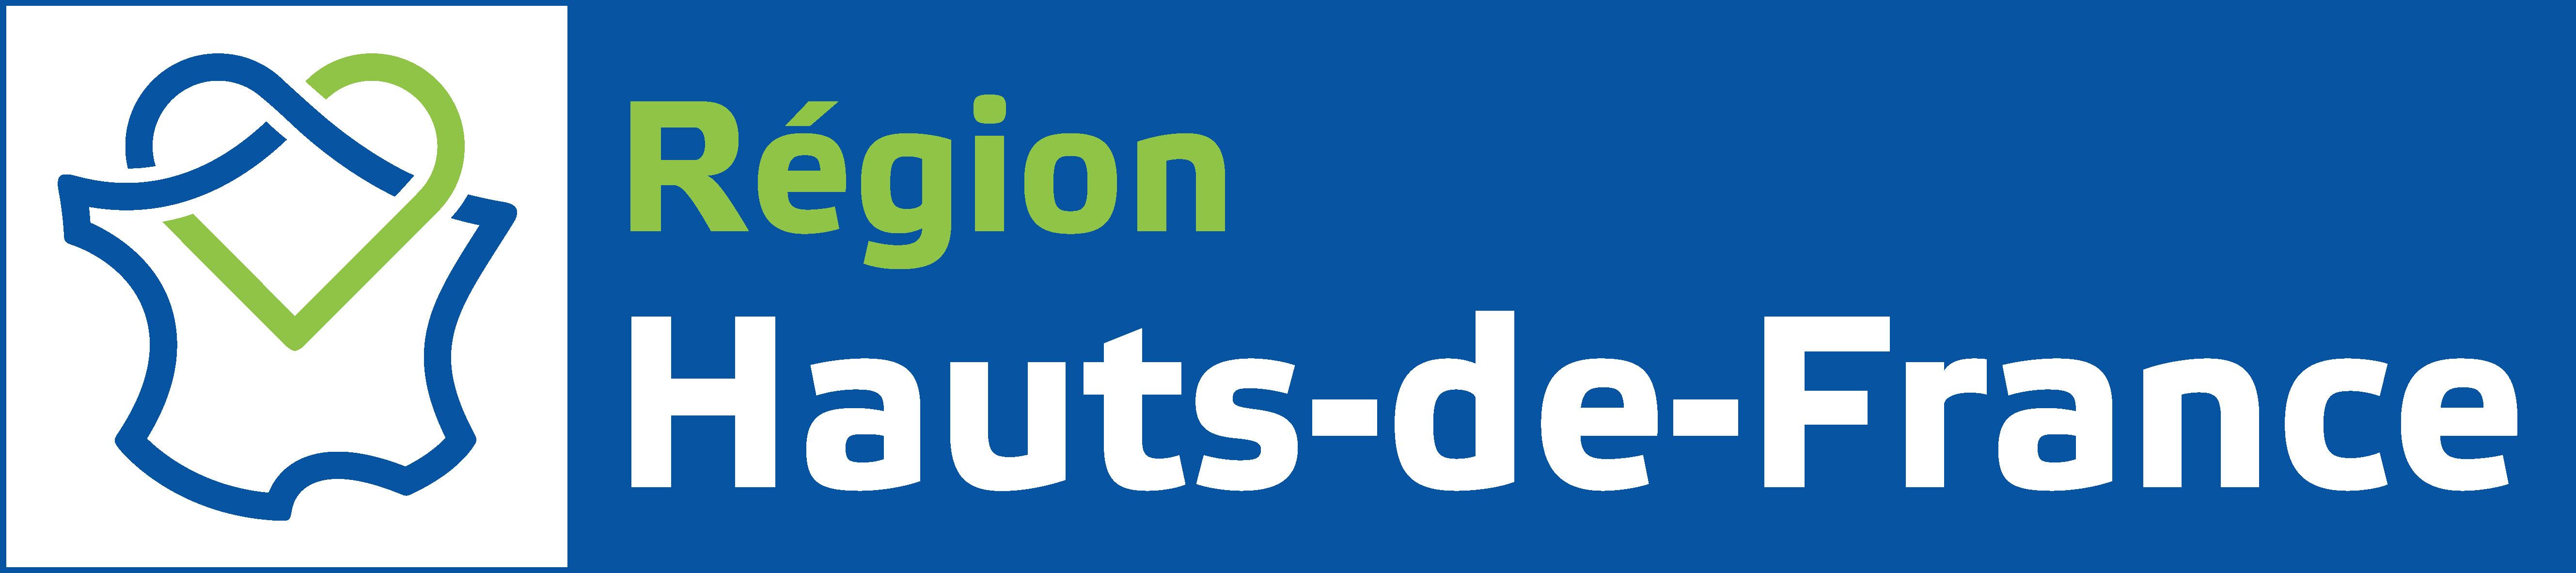 logo-region-hdf-partenaire